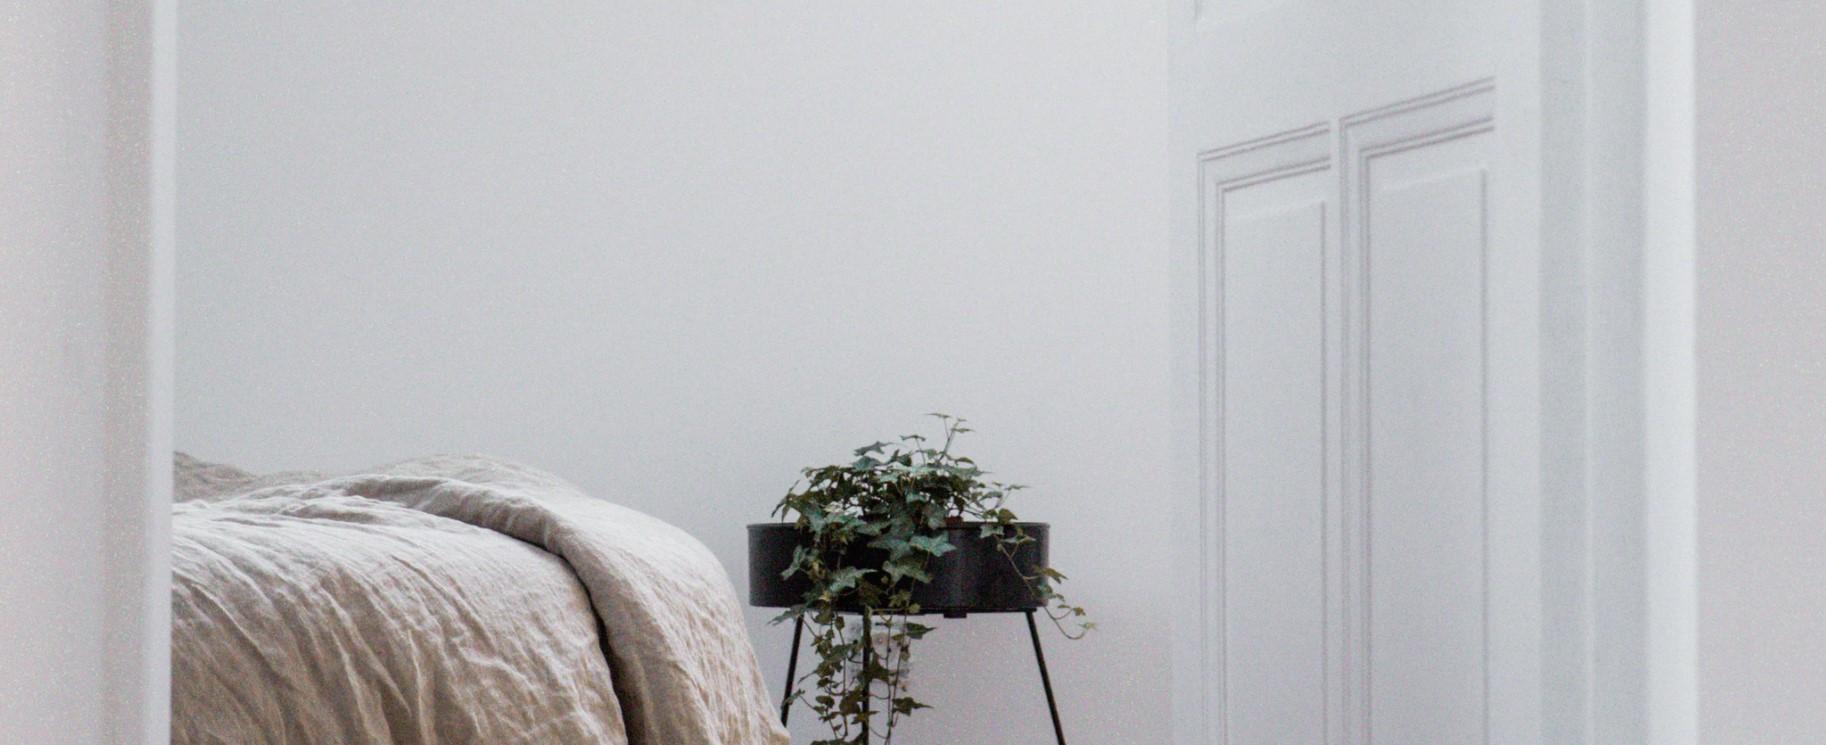 Ościeżnice drzwi - co warto wiedzieć?